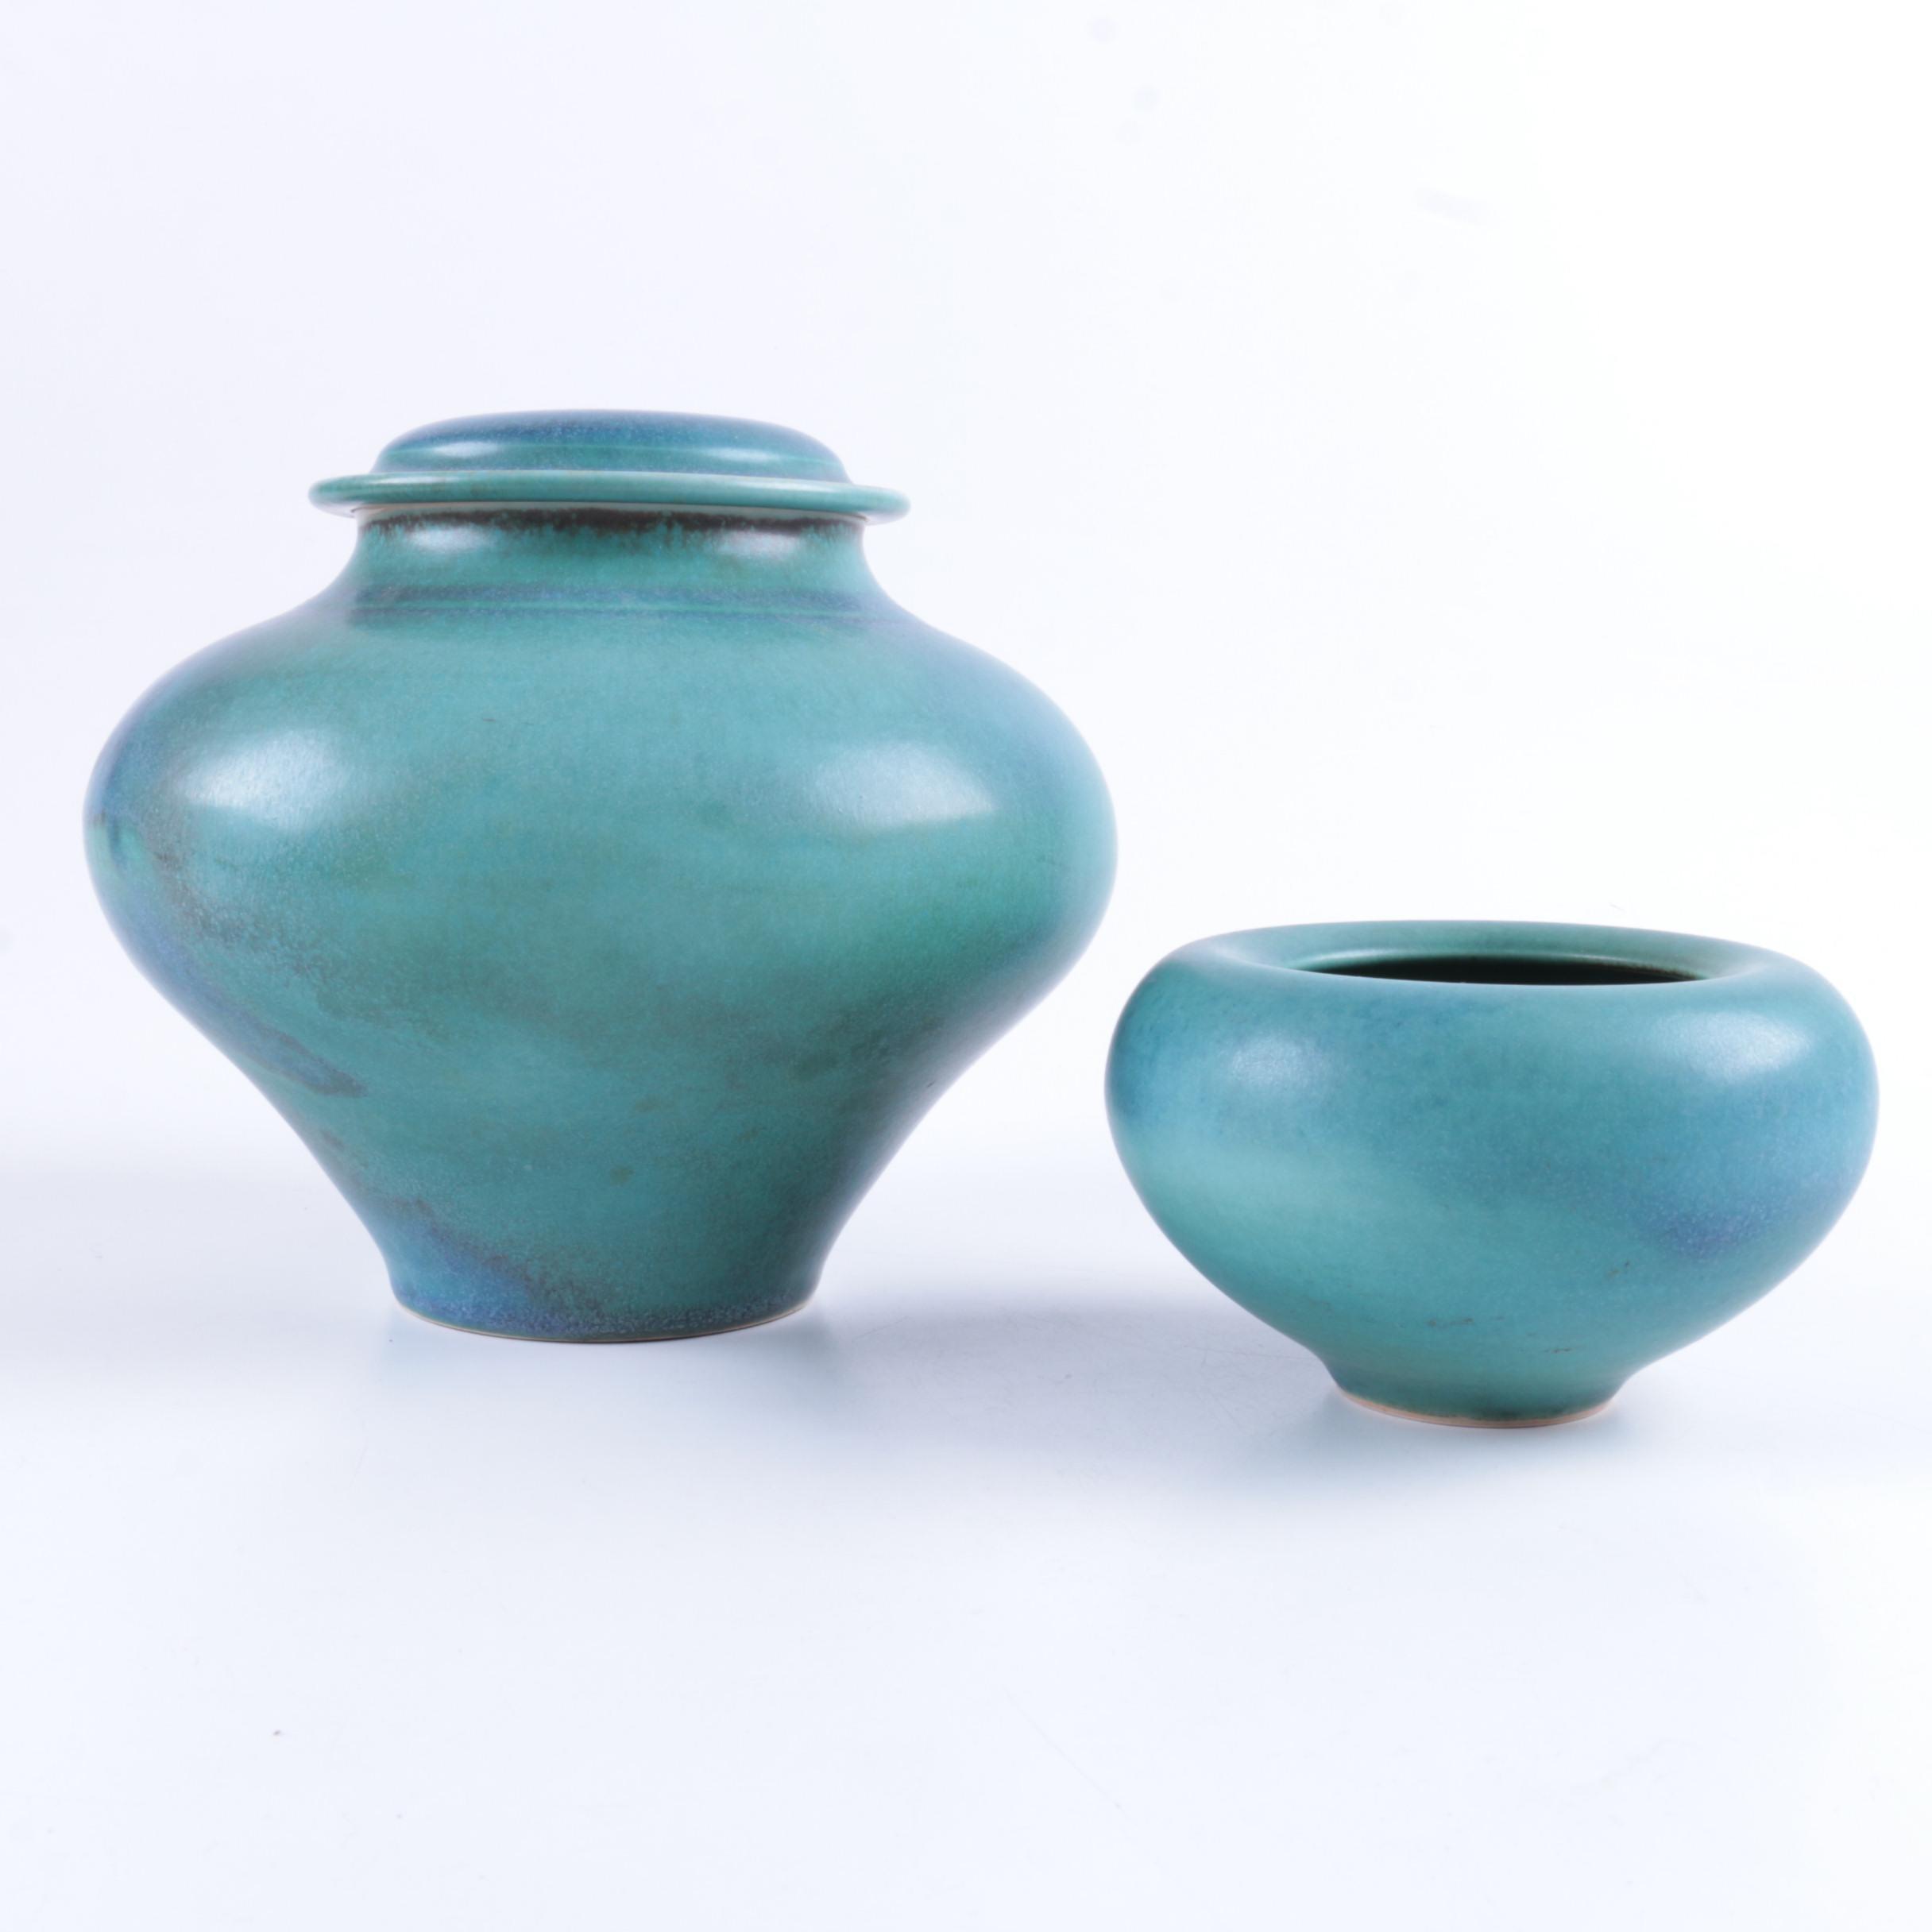 Hand Thrown Porcelain Vases